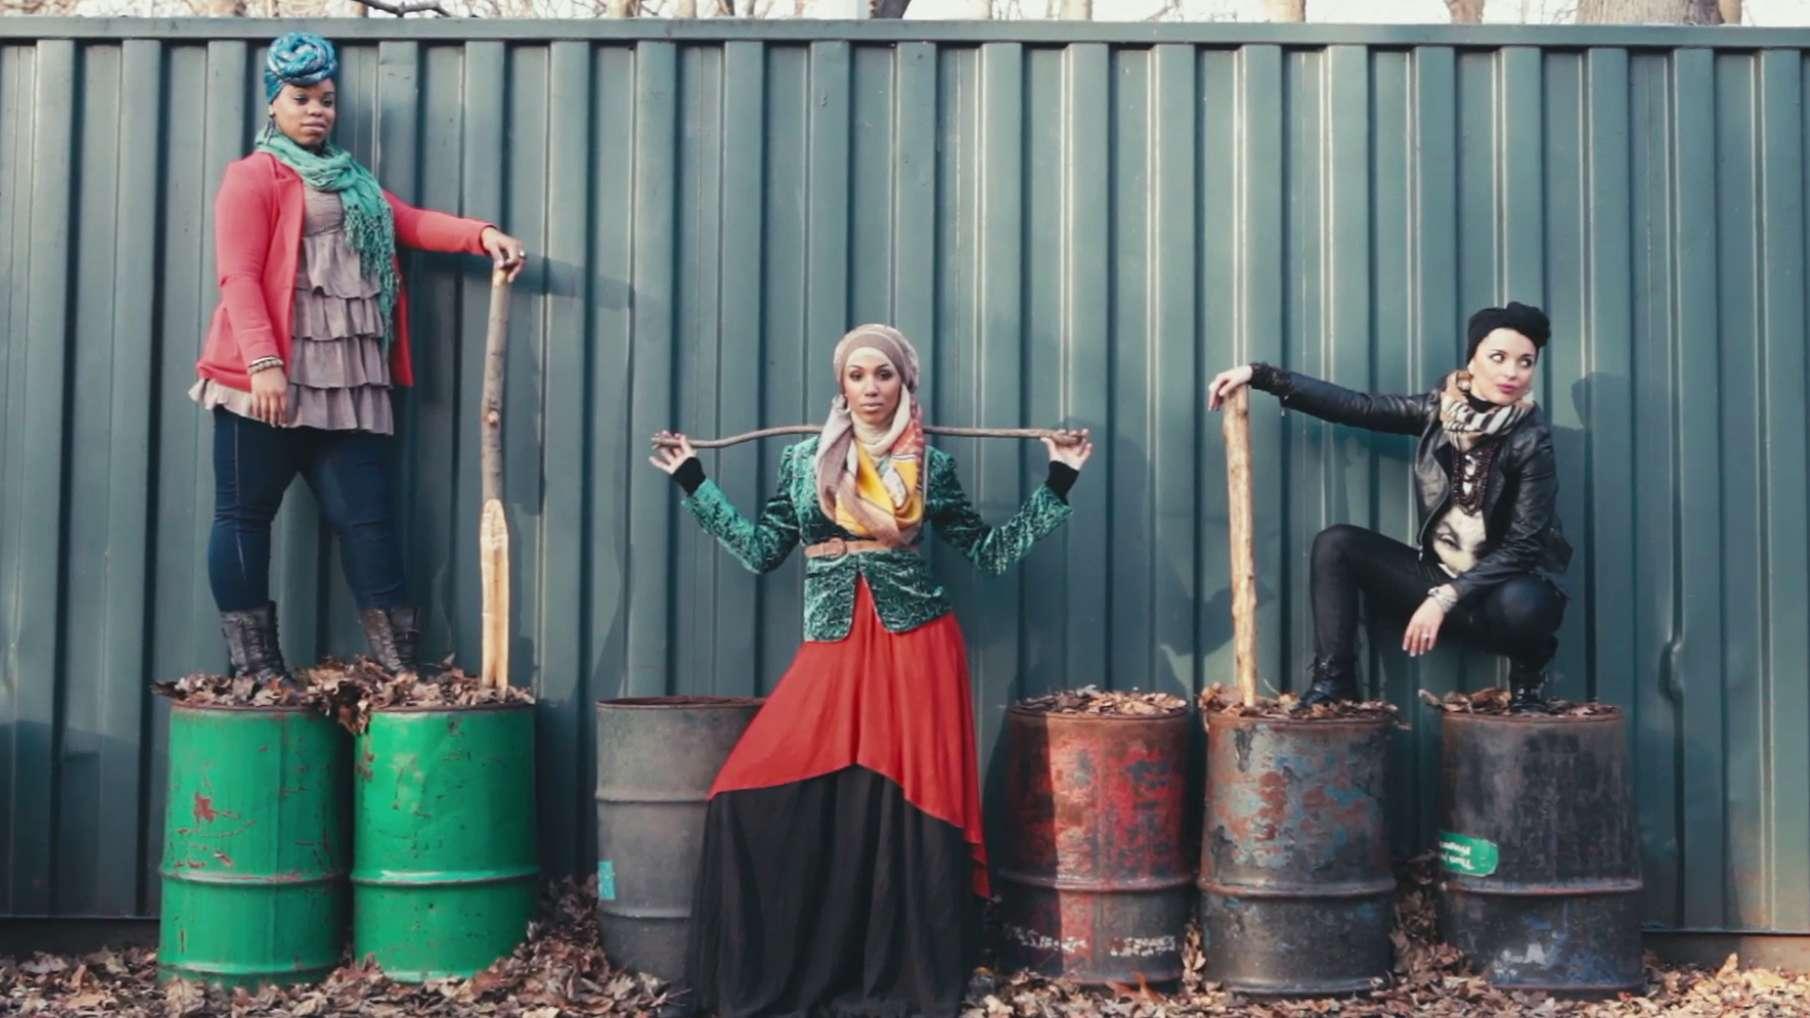 """Still aus dem Video """"Somewhere in America"""": Drei Frauen posieren vor einer Wand"""